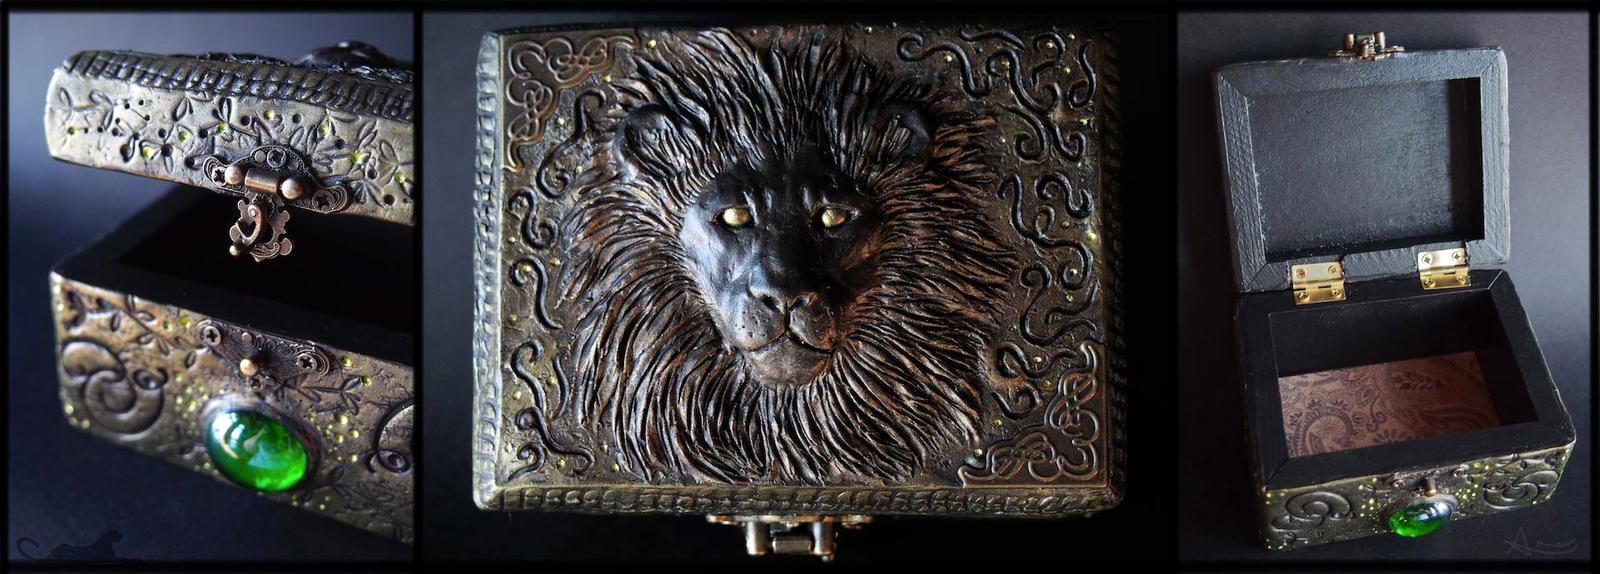 :.OOAK Lion trinket box.: by XPantherArtX